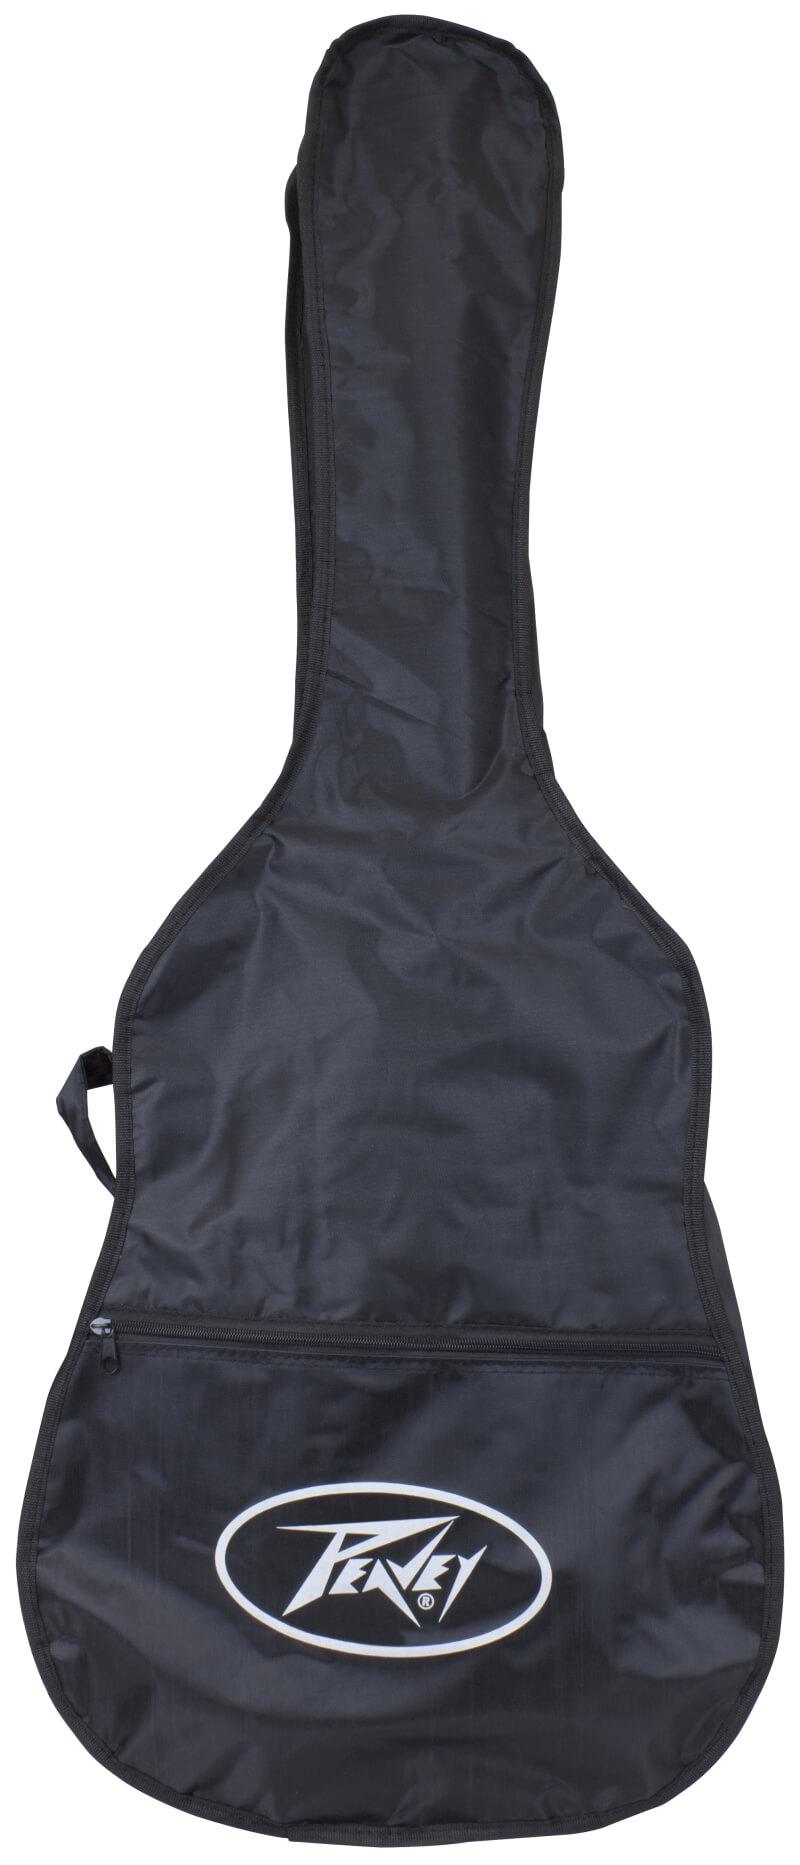 Peavey DW 2 Acoustic Guitar - bag, image credit: Peavey